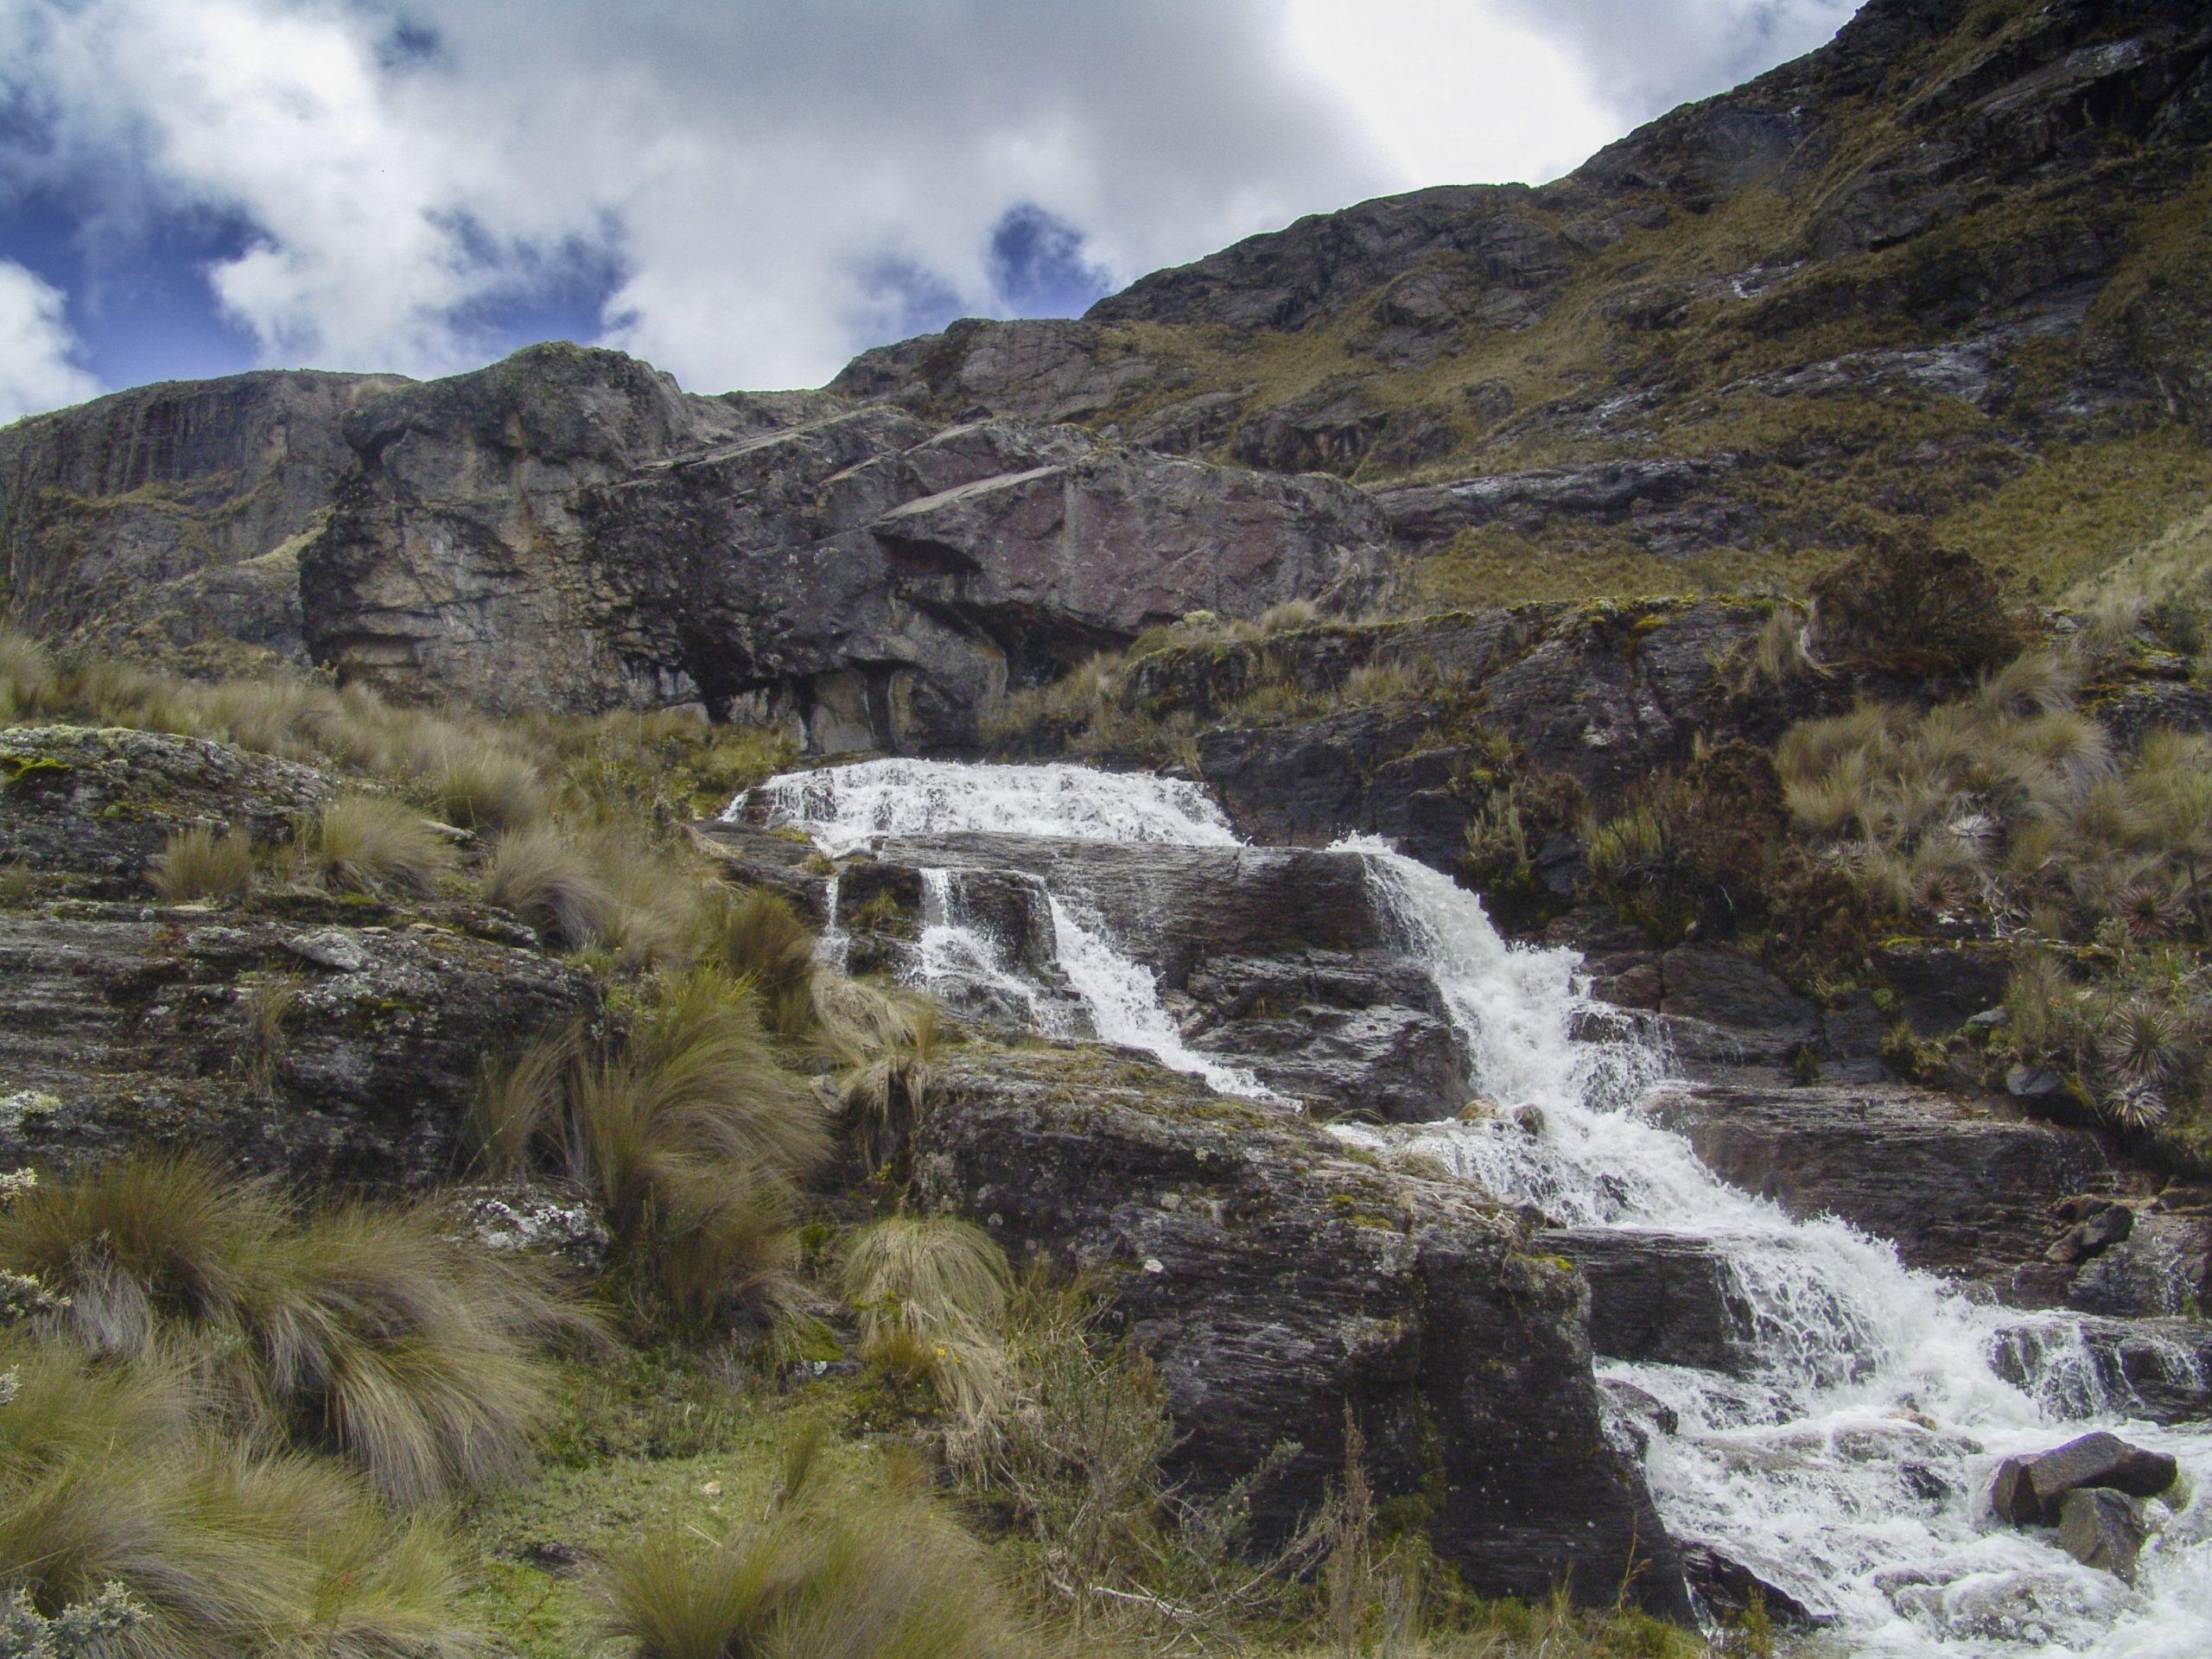 En los páramos nacen los cinco ríos que atraviesan Cuenca. Foto: Gustavo Morejón.